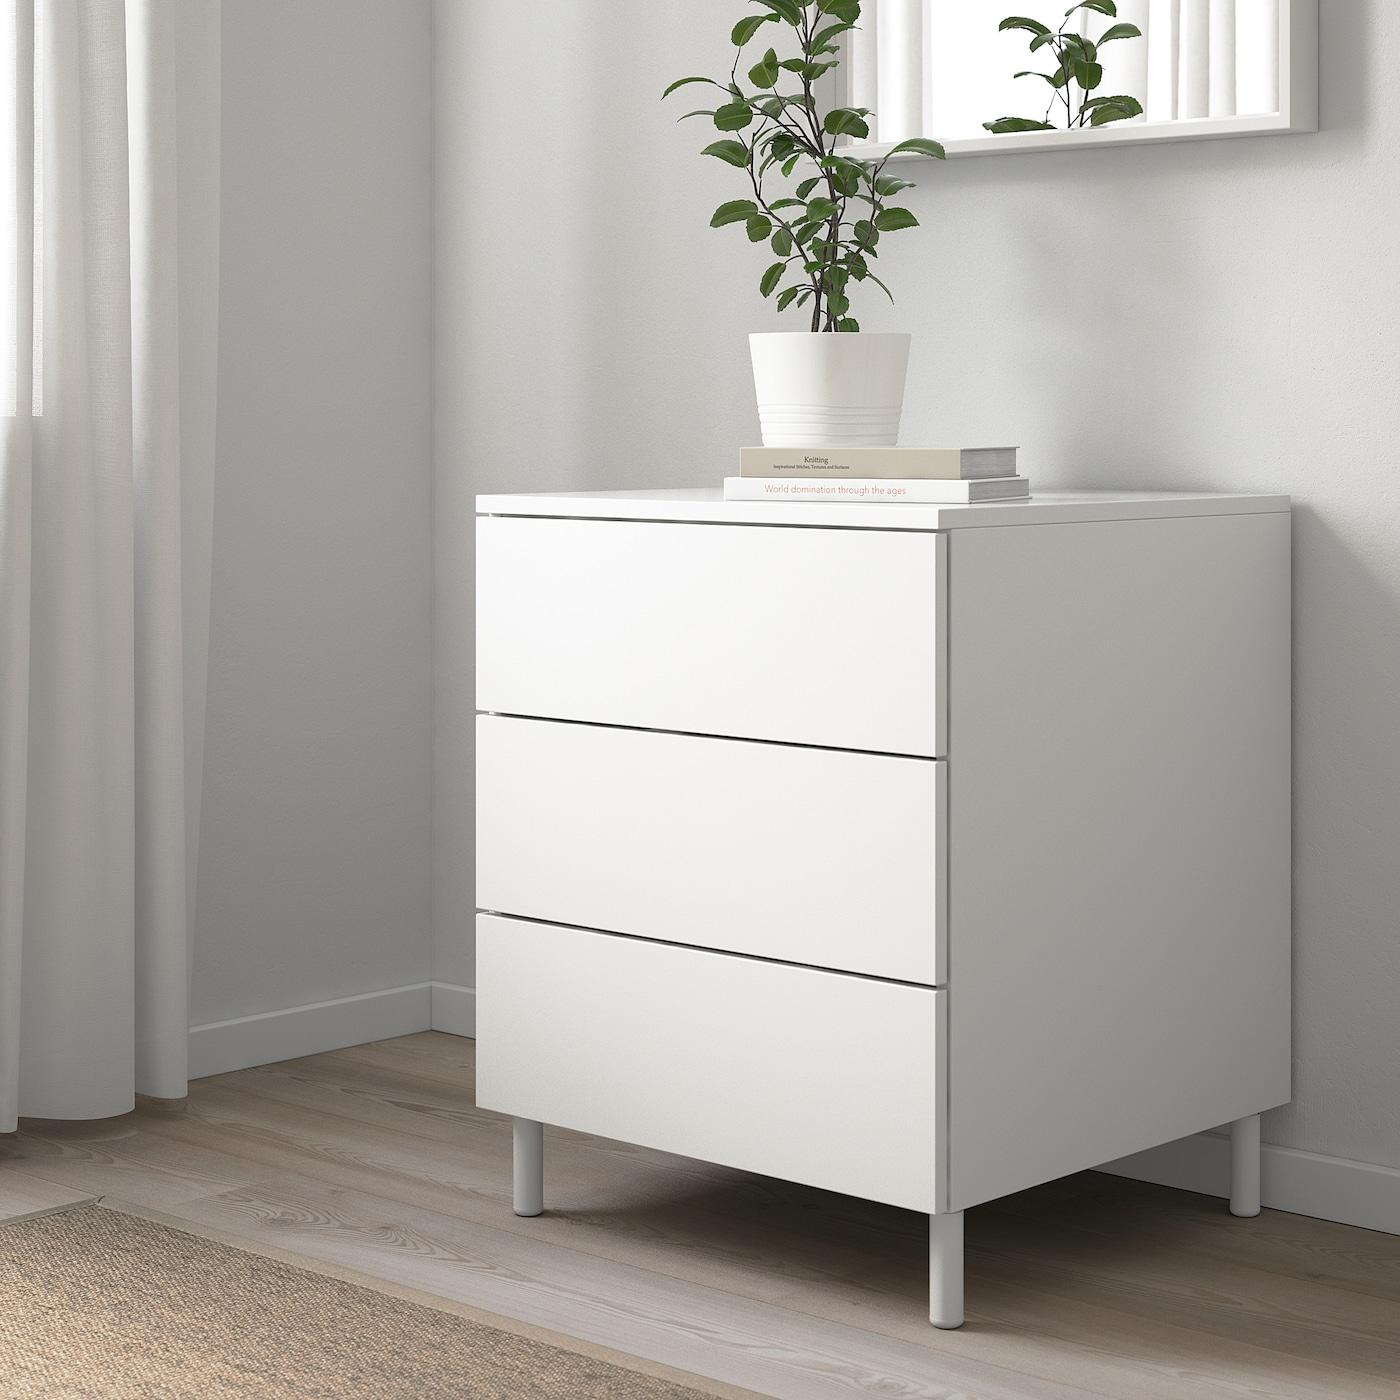 PLATSA Kommode mit 3 Schubladen, weiß/Fonnes weiß, 60x57x73 cm